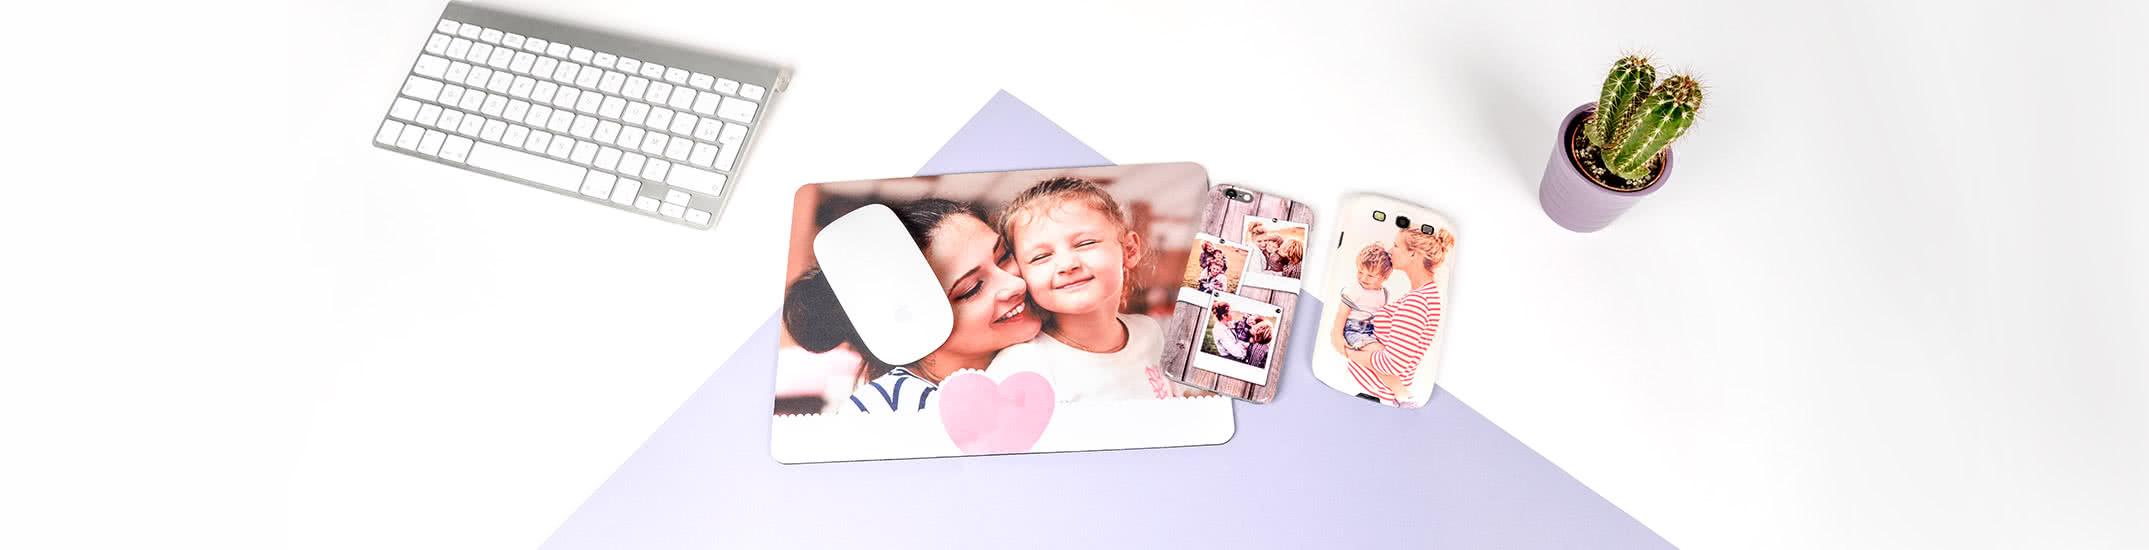 cadeau personnalis femme avec photo et texte smartphoto. Black Bedroom Furniture Sets. Home Design Ideas